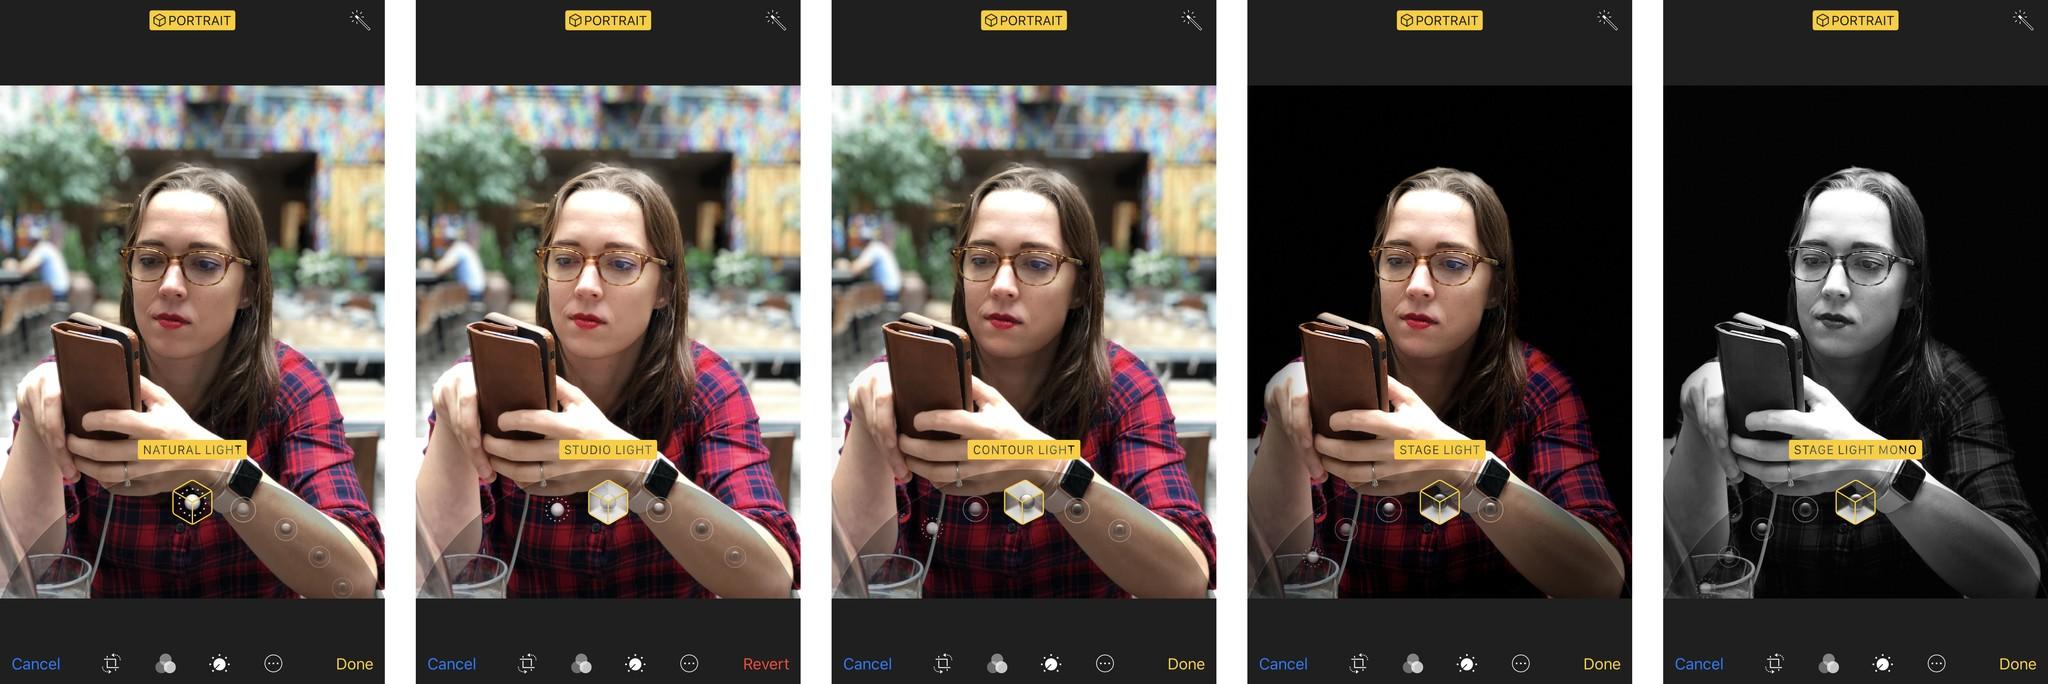 Portrait Lighting Beta Iphone 7 Plus